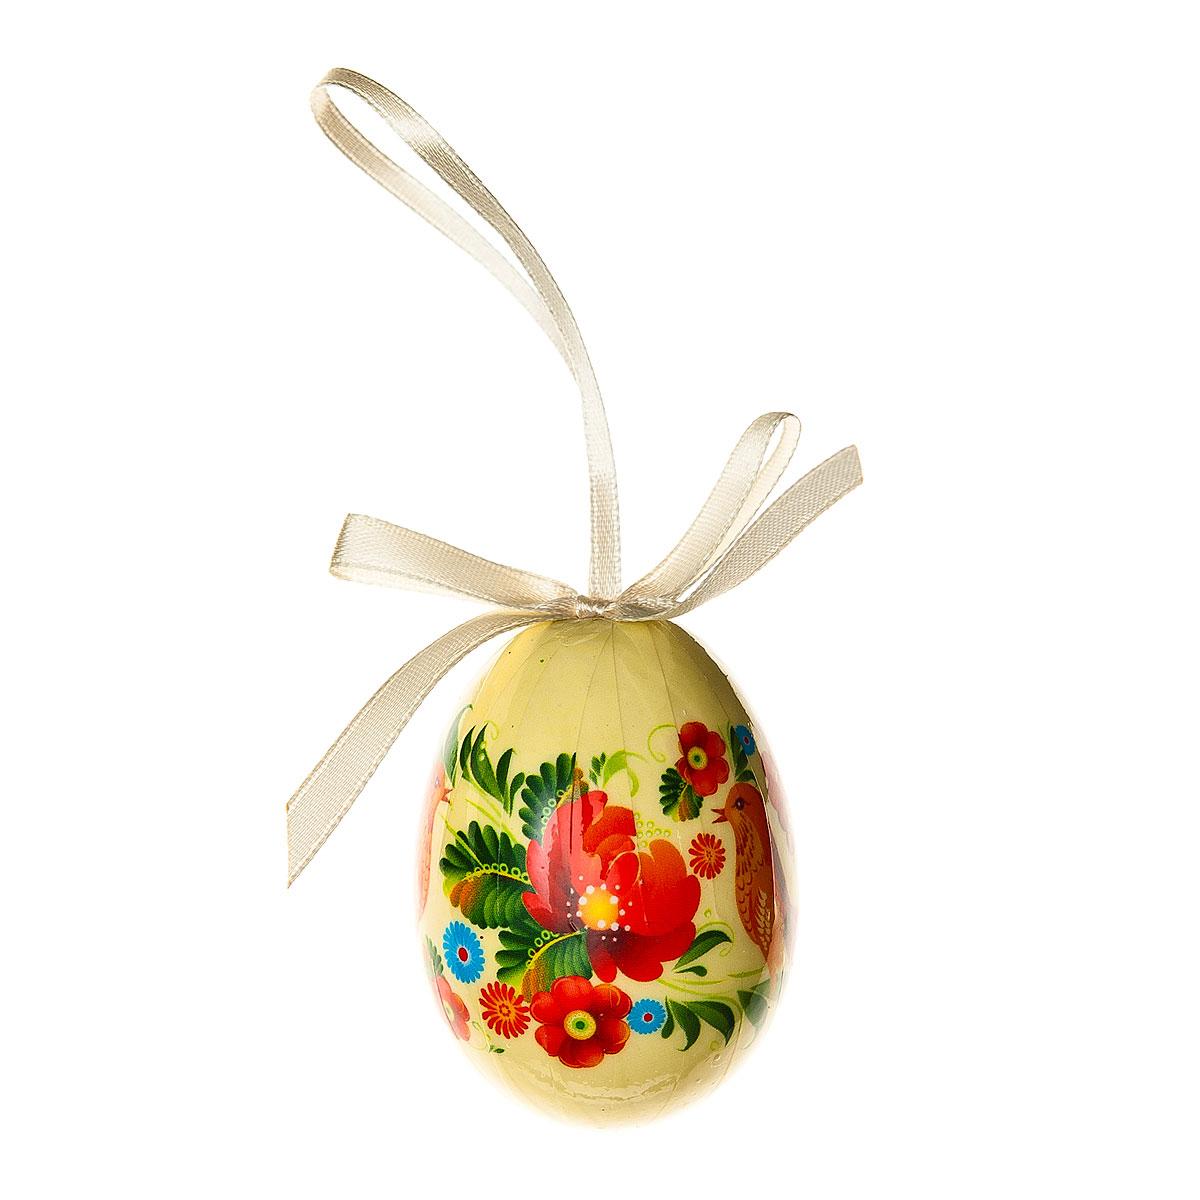 Декоративное подвесное украшение Home Queen Народная роспись, цвет: бежевый68283_3Подвесное украшение Home Queen Народная роспись, выполненное в форме яйца, изготовлено из пластика и декорировано изображением птицы и цветочным орнаментом. Изделие оснащено петелькой для подвешивания. Такое украшение прекрасно оформит интерьер дома или станет замечательным подарком для друзей и близких на Пасху. Размер яйца: 4 см х 4 см х 6 см.